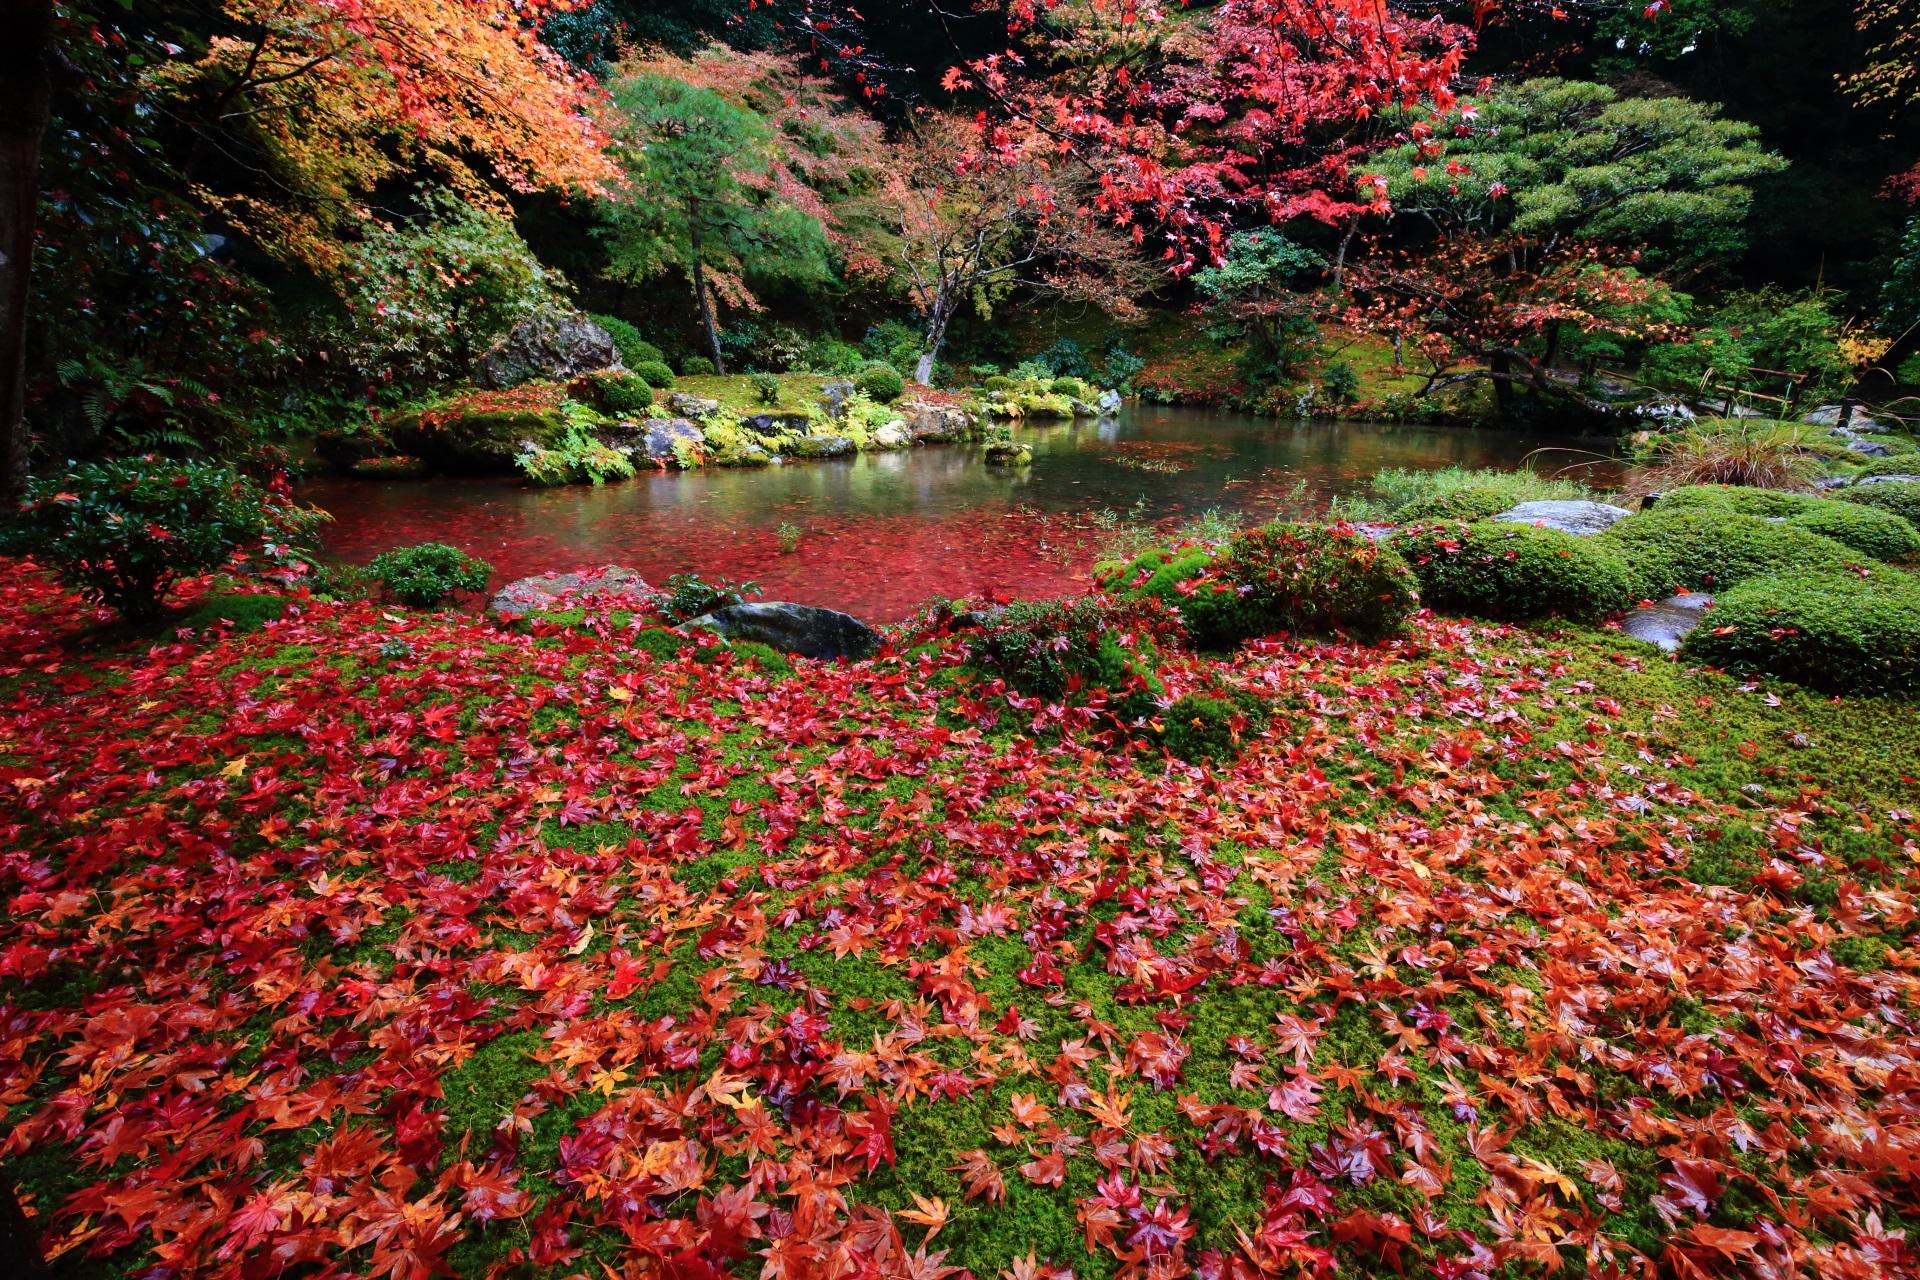 色とりどりの極上の散り紅葉